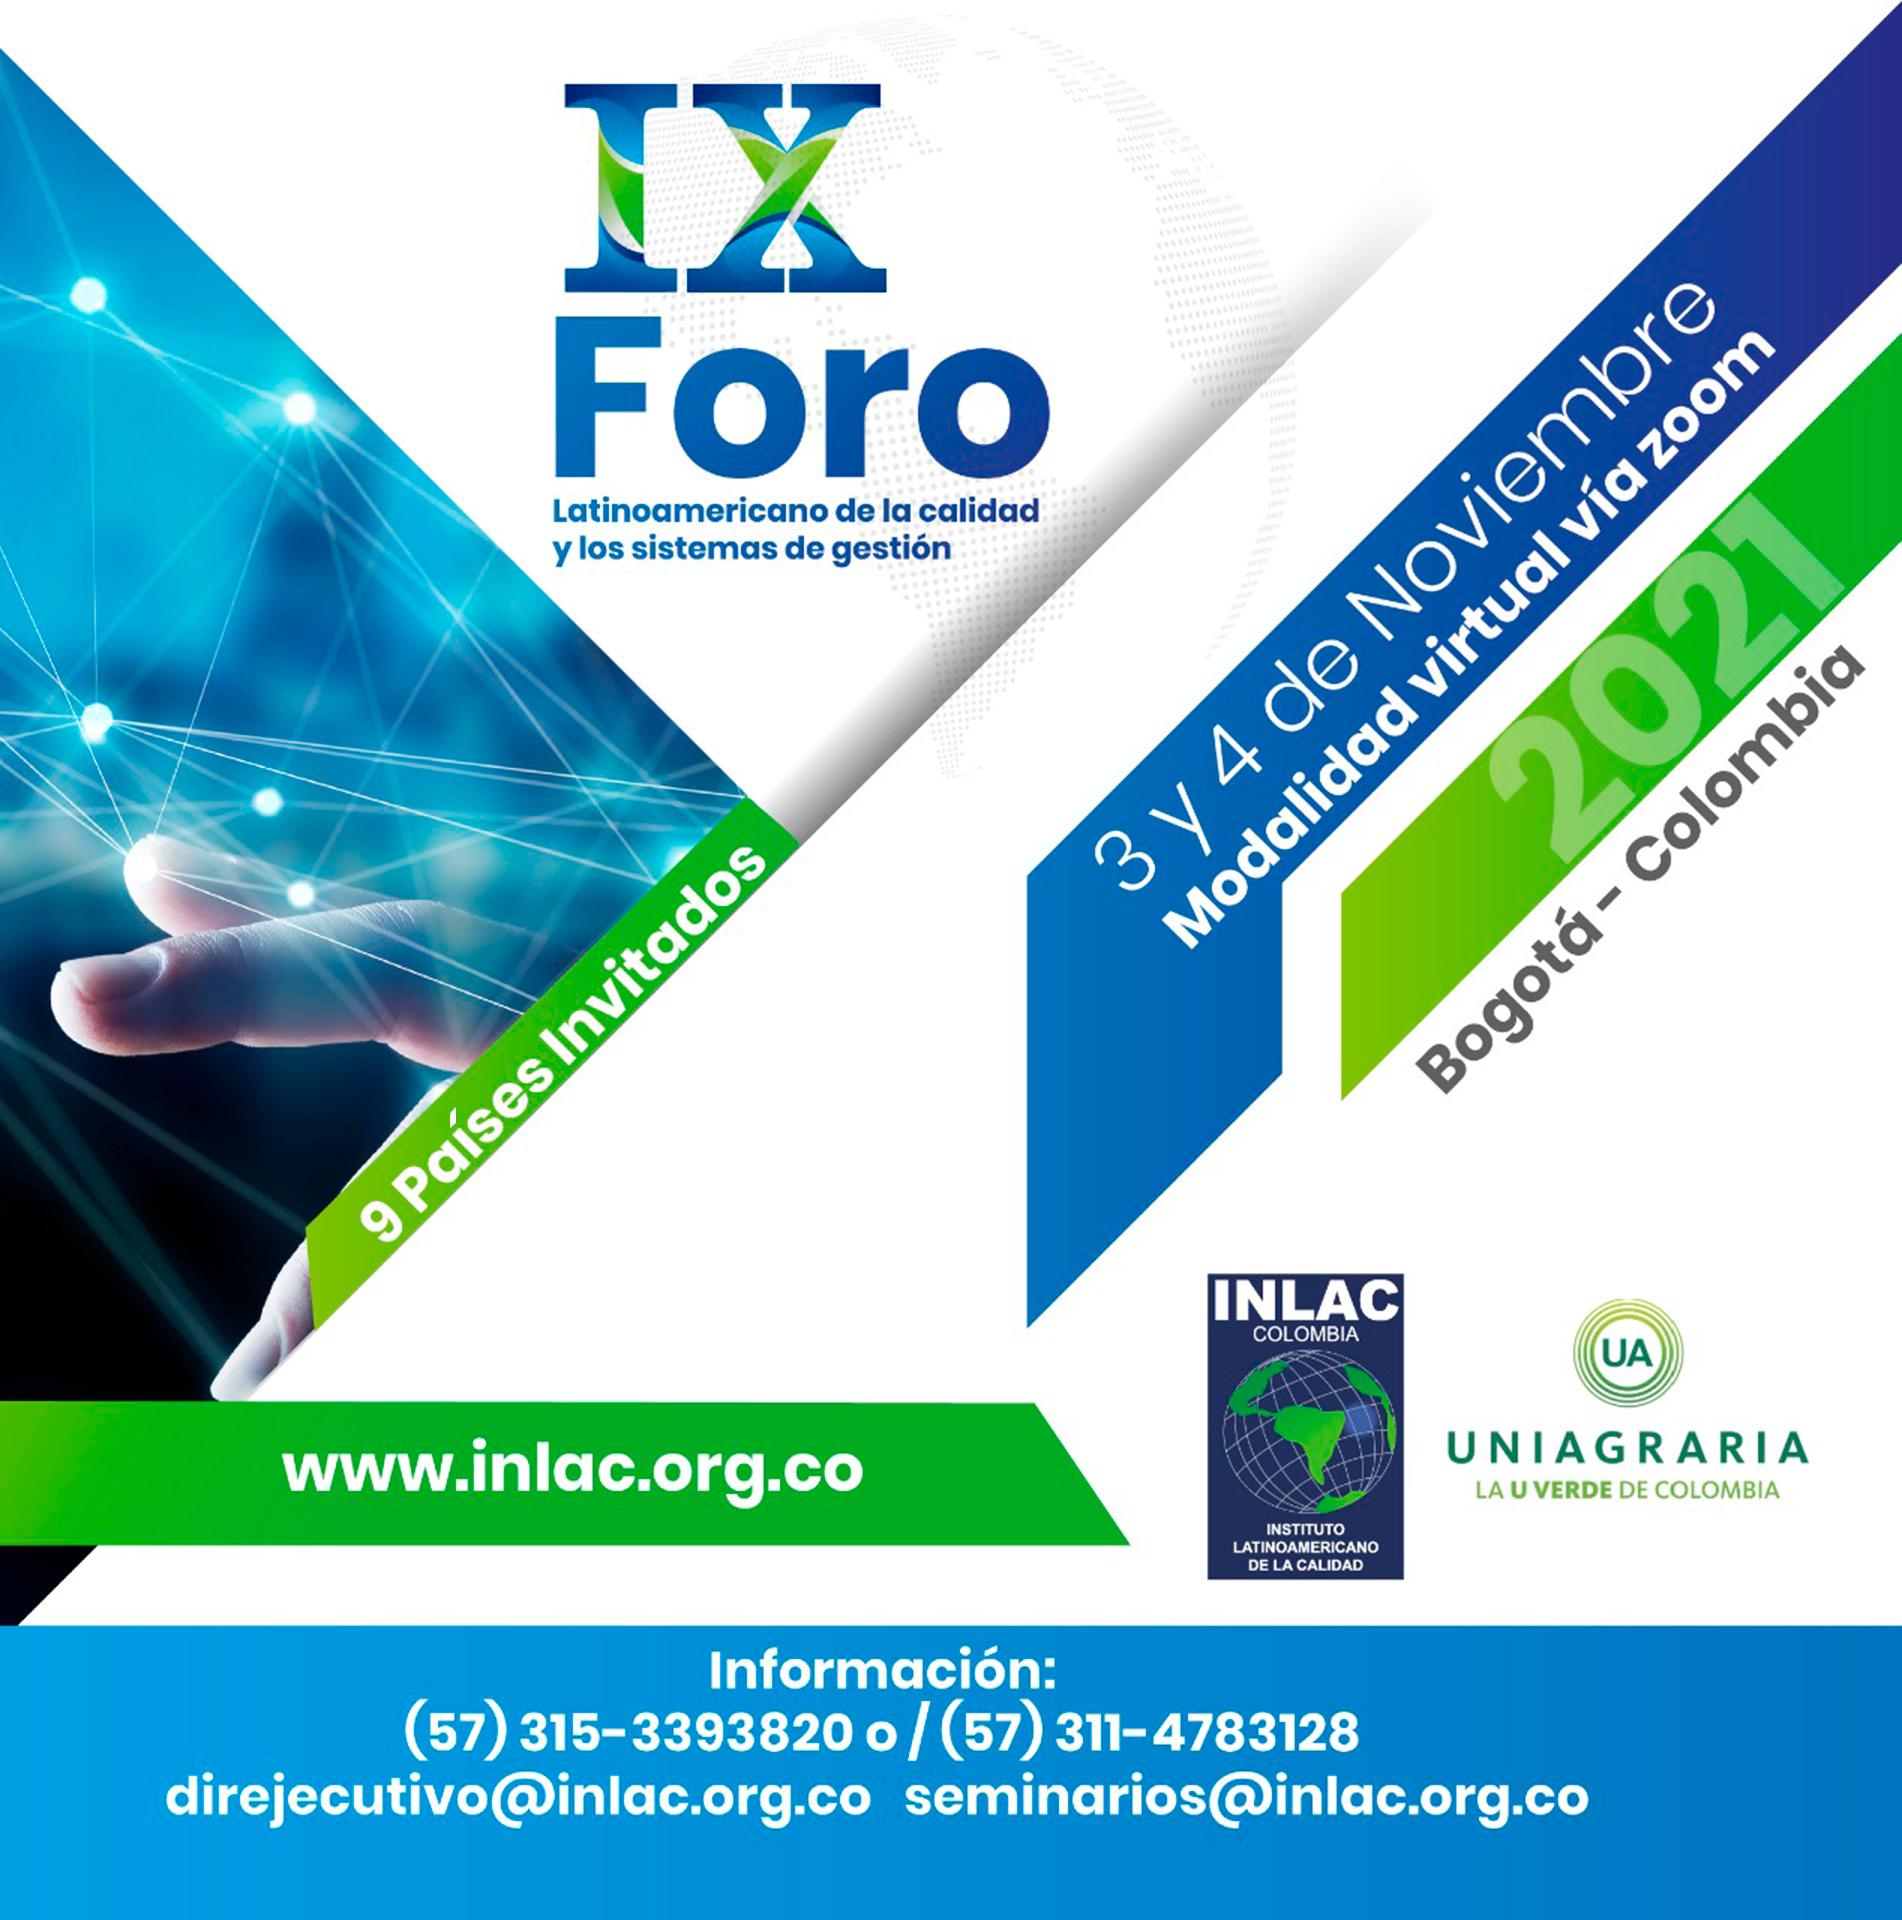 IX Foro Latinoamericano de la calidad y los sistemas de gestión